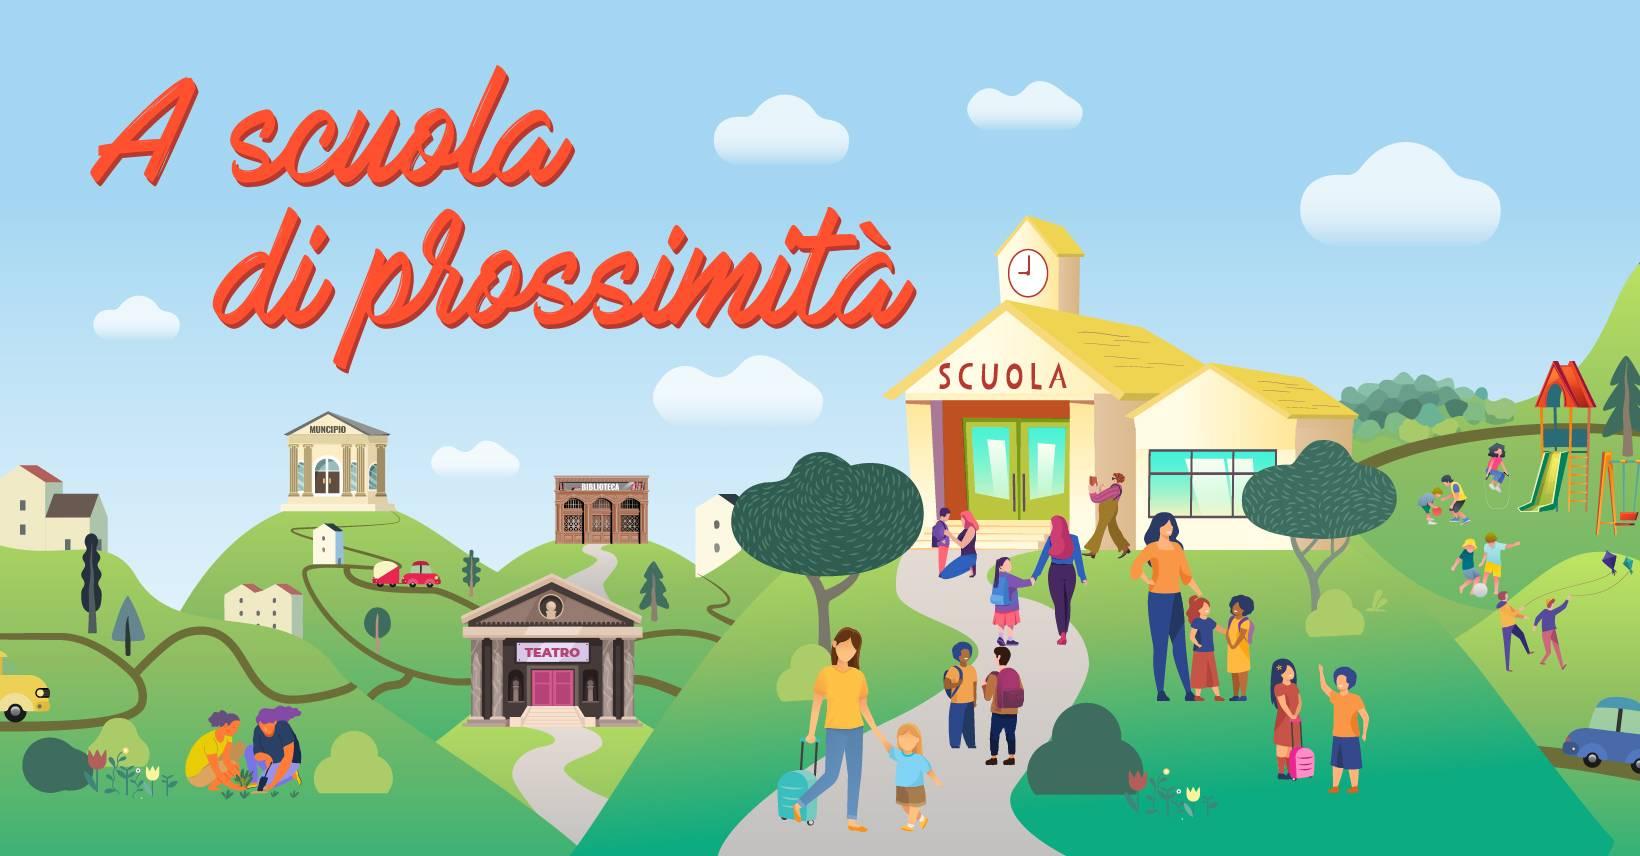 A scuola di prossimità, dal 22 giugno un ciclo di webinar per una scuola aperta al territorio